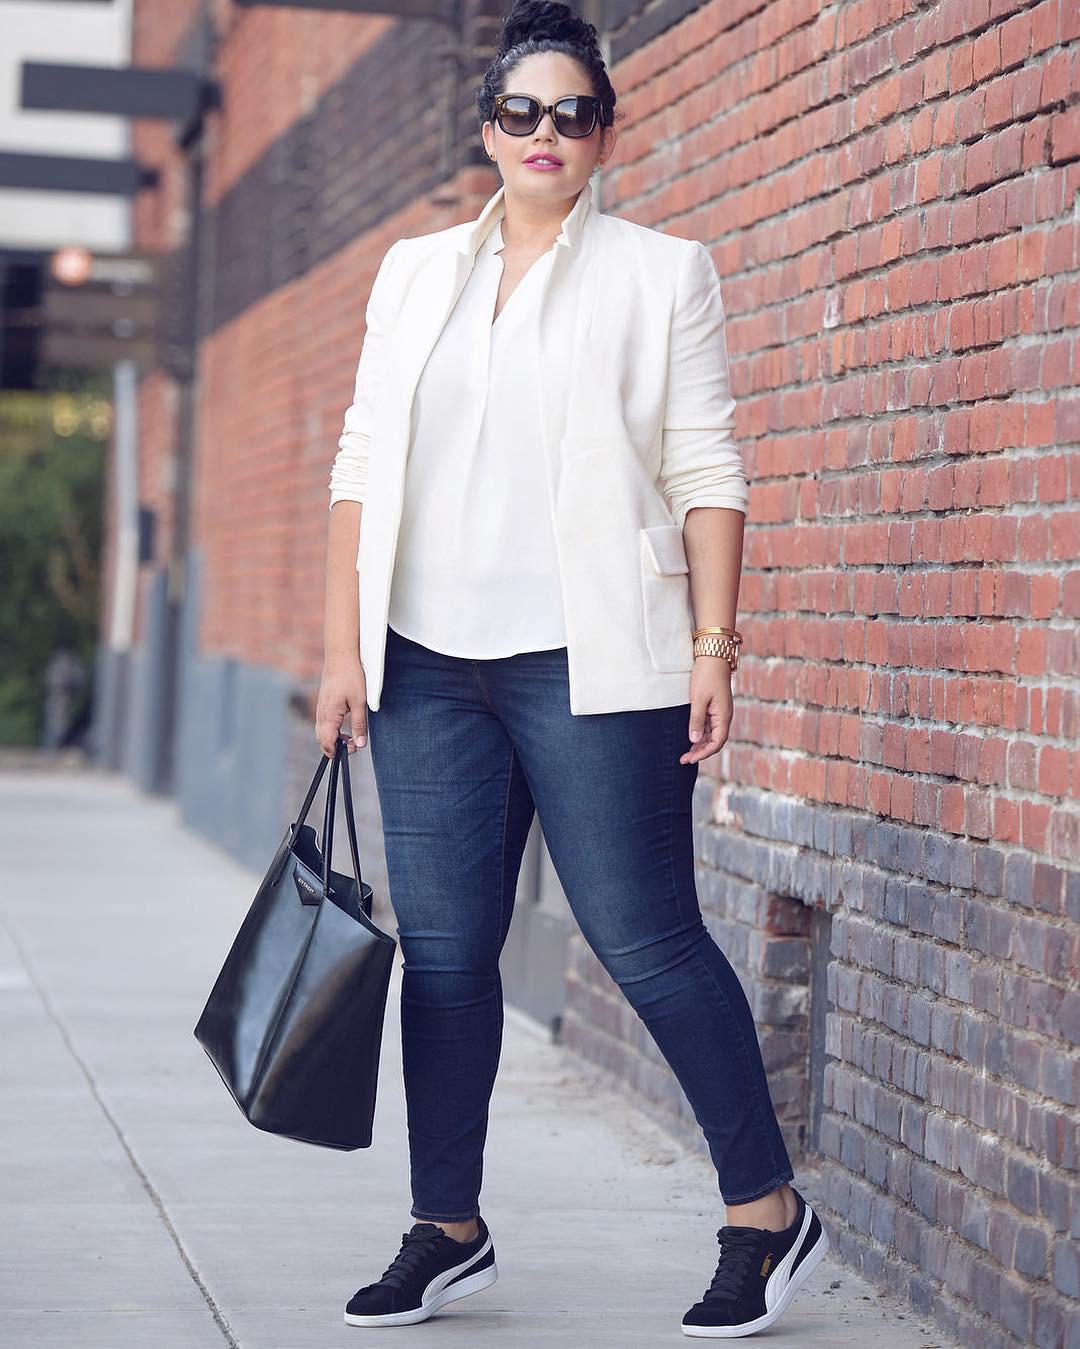 5 gạch đầu dòng cực dễ nhớ sẽ giúp hội chị em mũm mĩm vẫn tự tin diện quần jeans khỏe đẹp như ai - Ảnh 5.